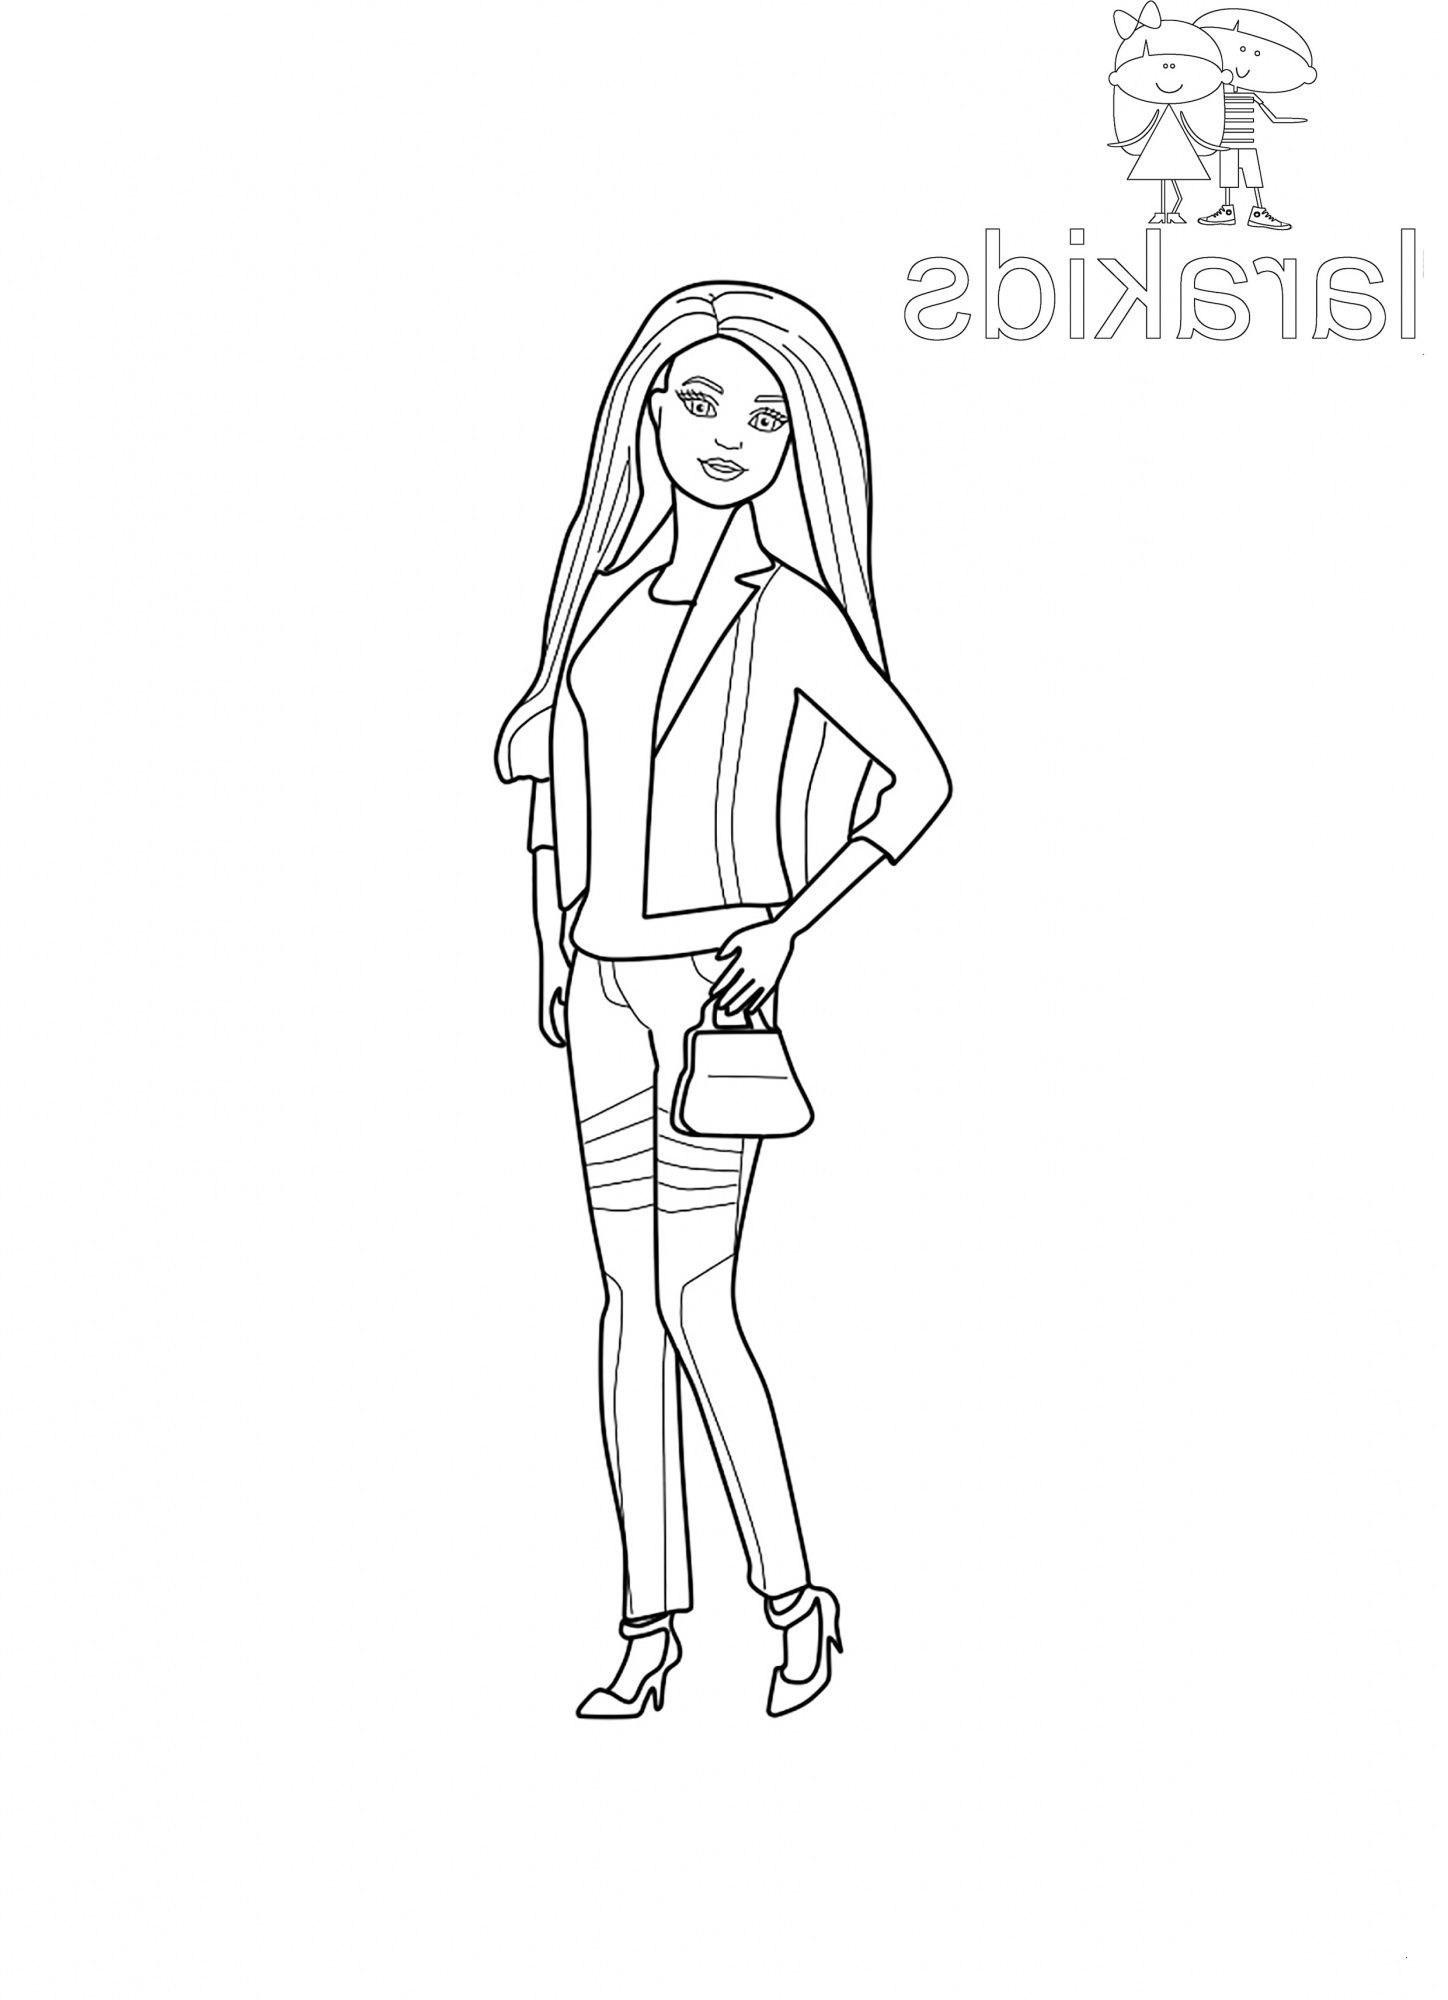 Ausmalbilder Barbie Meerjungfrau Das Beste Von 39 Lecker Ausmalbilder Barbie Meerjungfrau – Große Coloring Page Bild